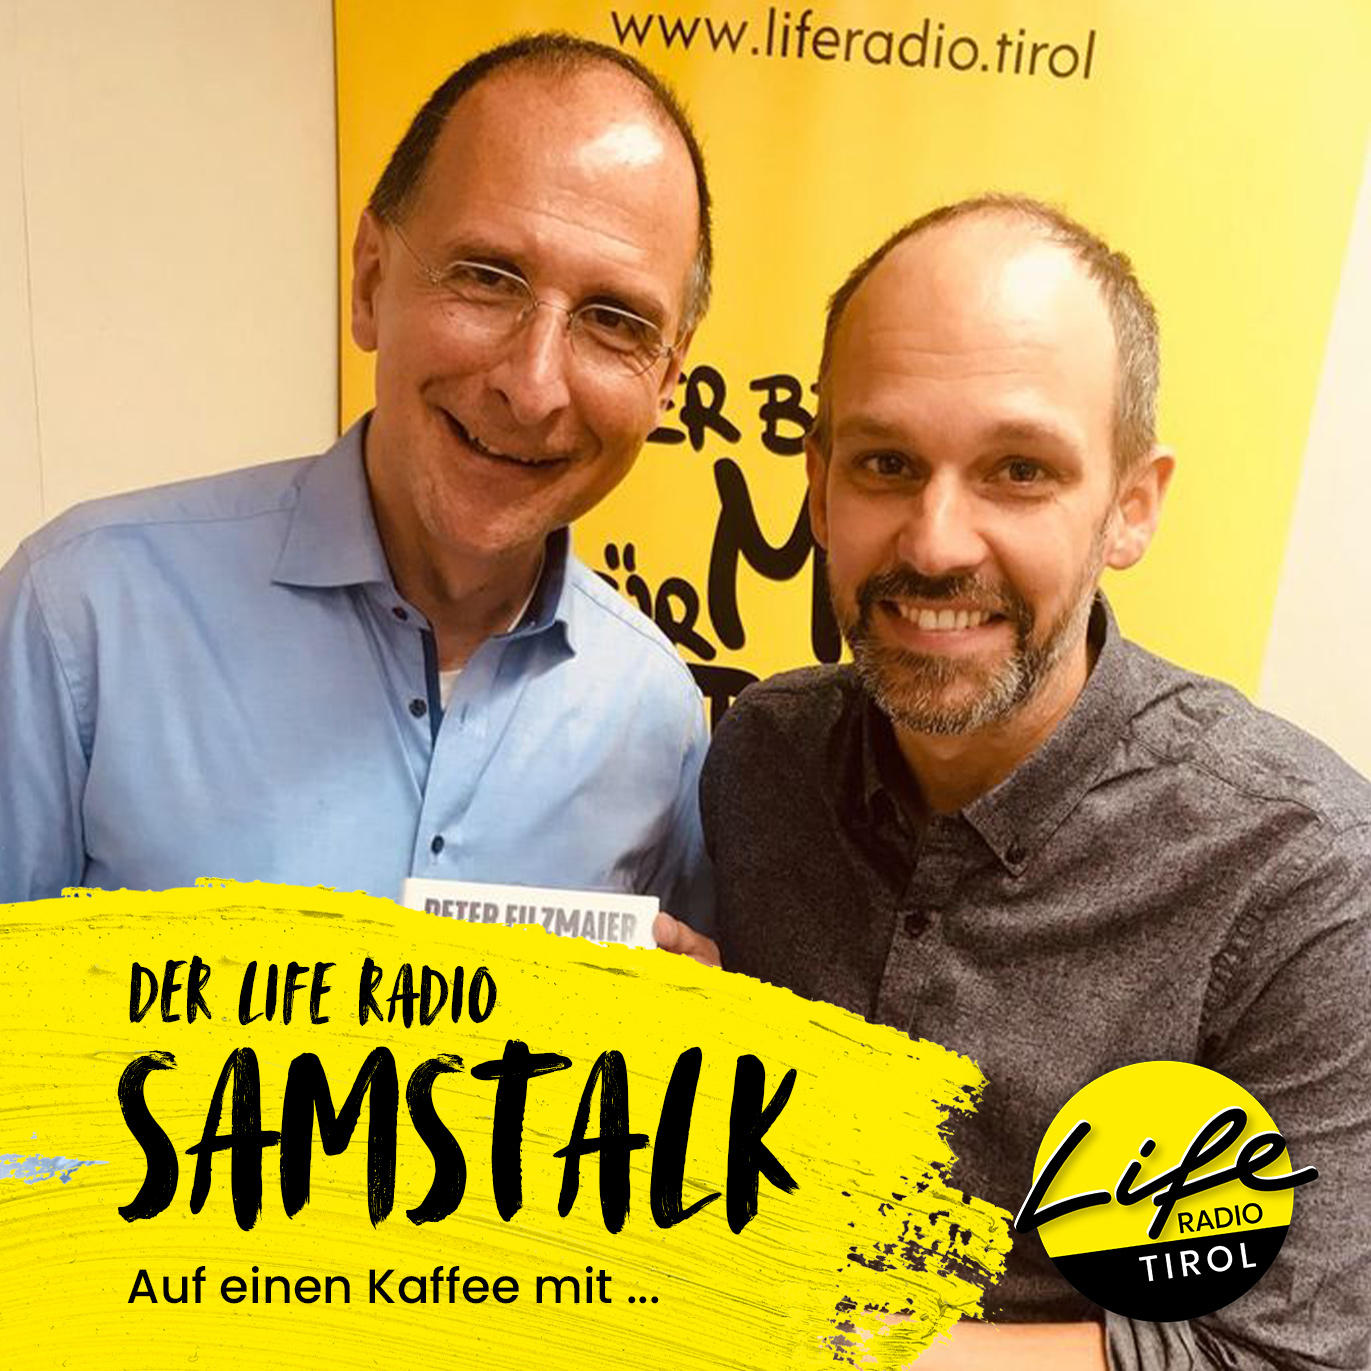 Auf einen Kaffee mit Politikexperte und Autor Peter Filzmaier